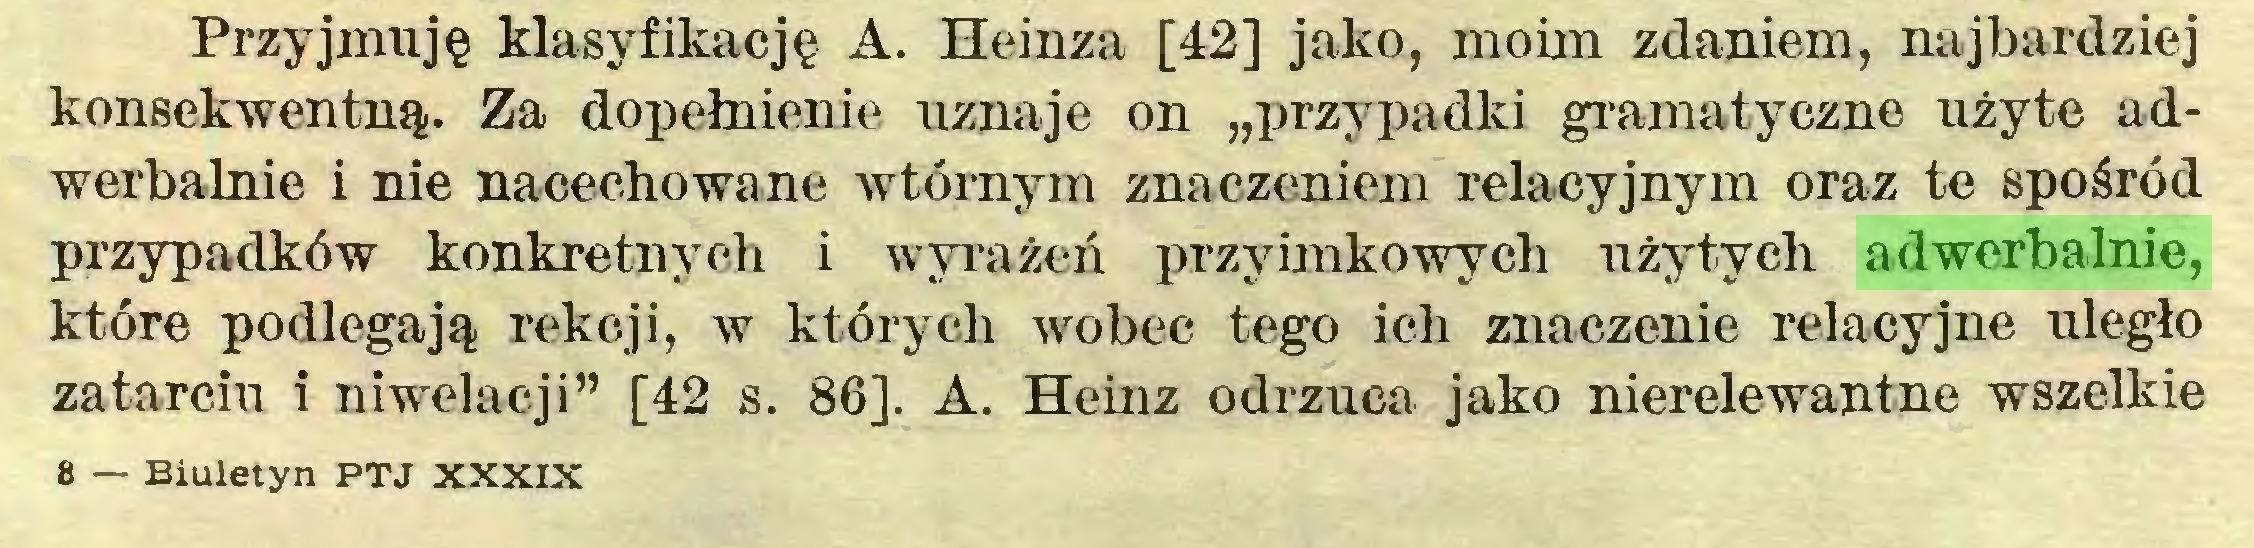 """(...) Przyjmuję klasyfikację A. Heinza [42] jako, moim zdaniem, najbardziej konsekwentną. Za dopełnienie uznaje on """"przypadki gramatyczne użyte adwerbalnie i nie nacechowane wtórnym znaczeniem relacyjnym oraz te spośród przypadków konkretnych i wyrażeń przyimkowych użytych adwerbalnie, które podlegają rekcji, w których wobec tego ich znaczenie relacyjne uległo zatarciu i niwelacji"""" [42 s. 86]. A. Heinz odrzuca jako nierelewantne wszelkie 8 — Biuletyn PTJ XXXIX..."""